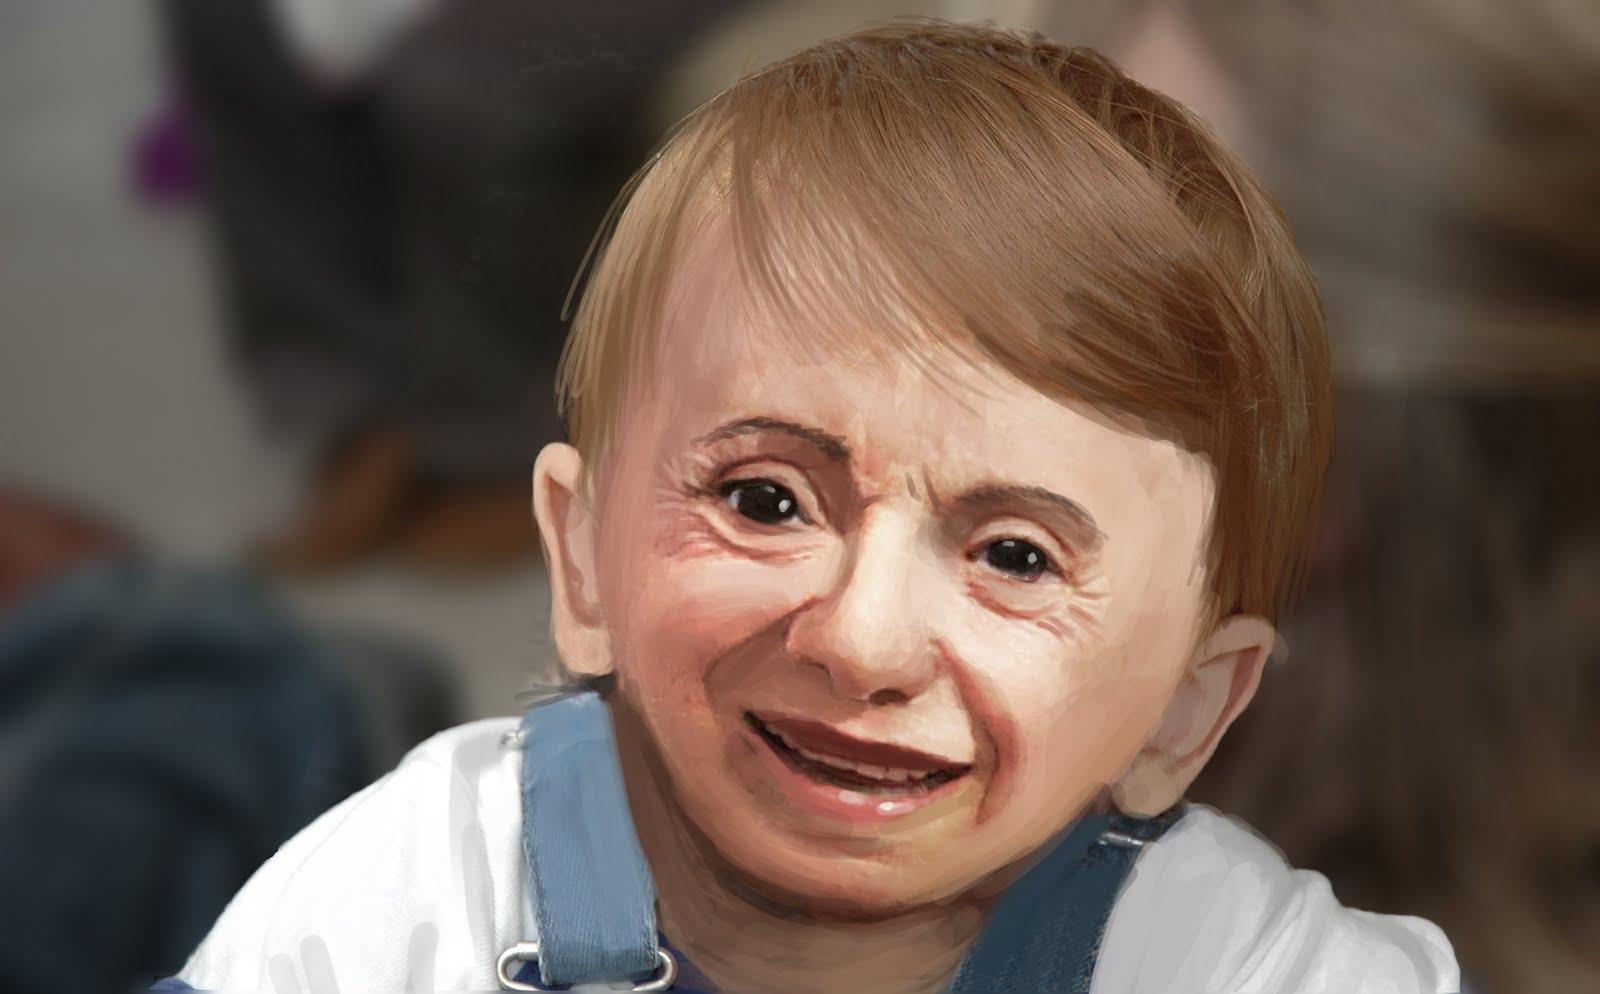 deformed face kid - HD1600×994